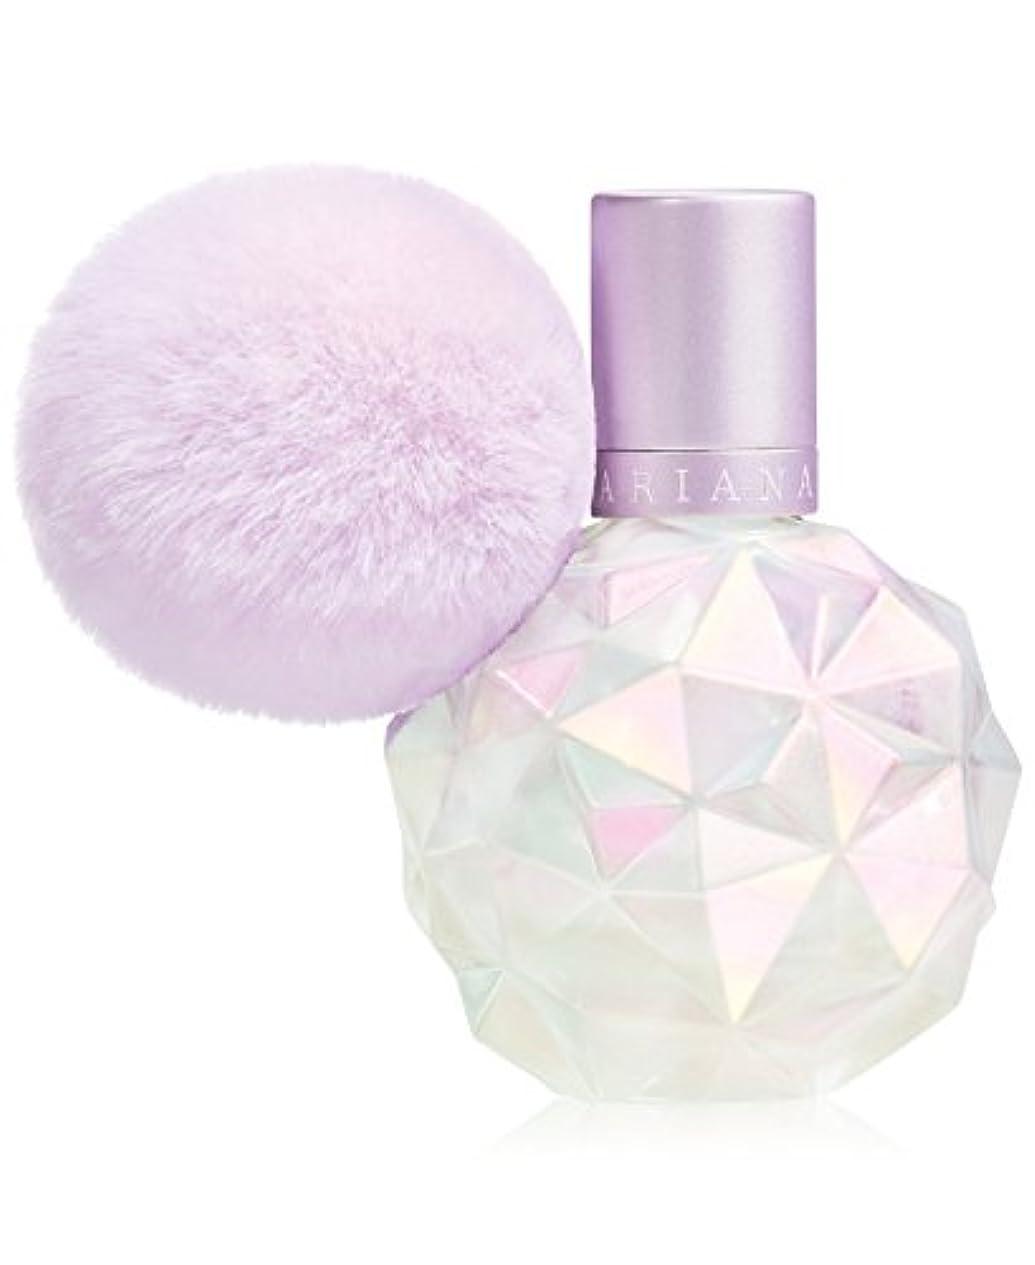 トレーニング決定学校の先生Ariana Grande Moonlight (アリアナ グランデ ムーンライト) 1.7 oz (50ml) EDP Spray